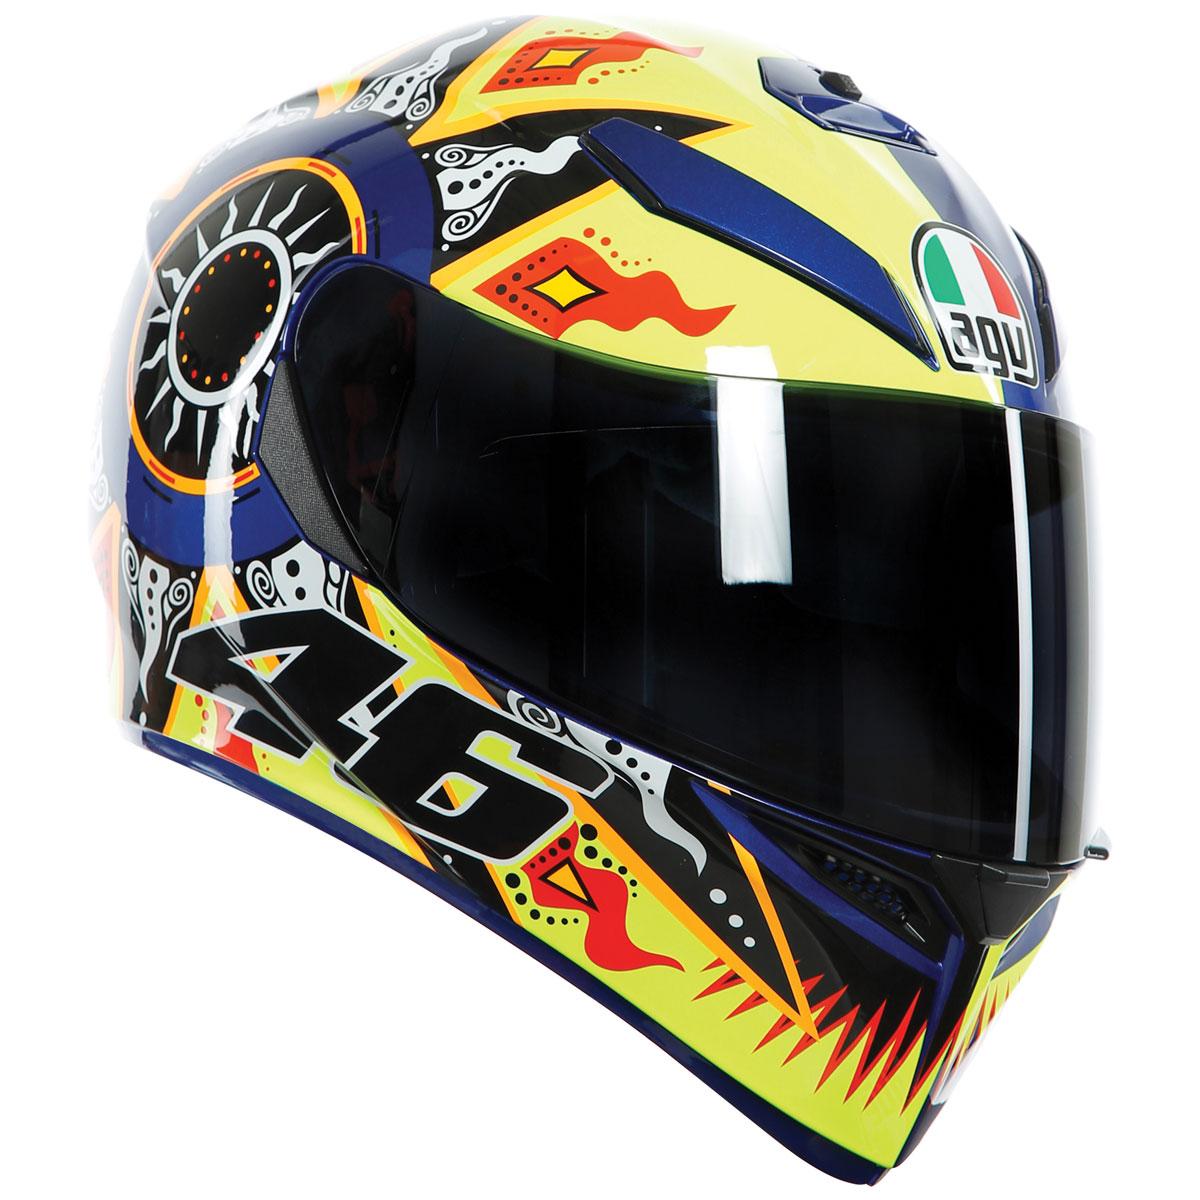 AGV K-3 SV Rossi 2002 Full Face Helmet